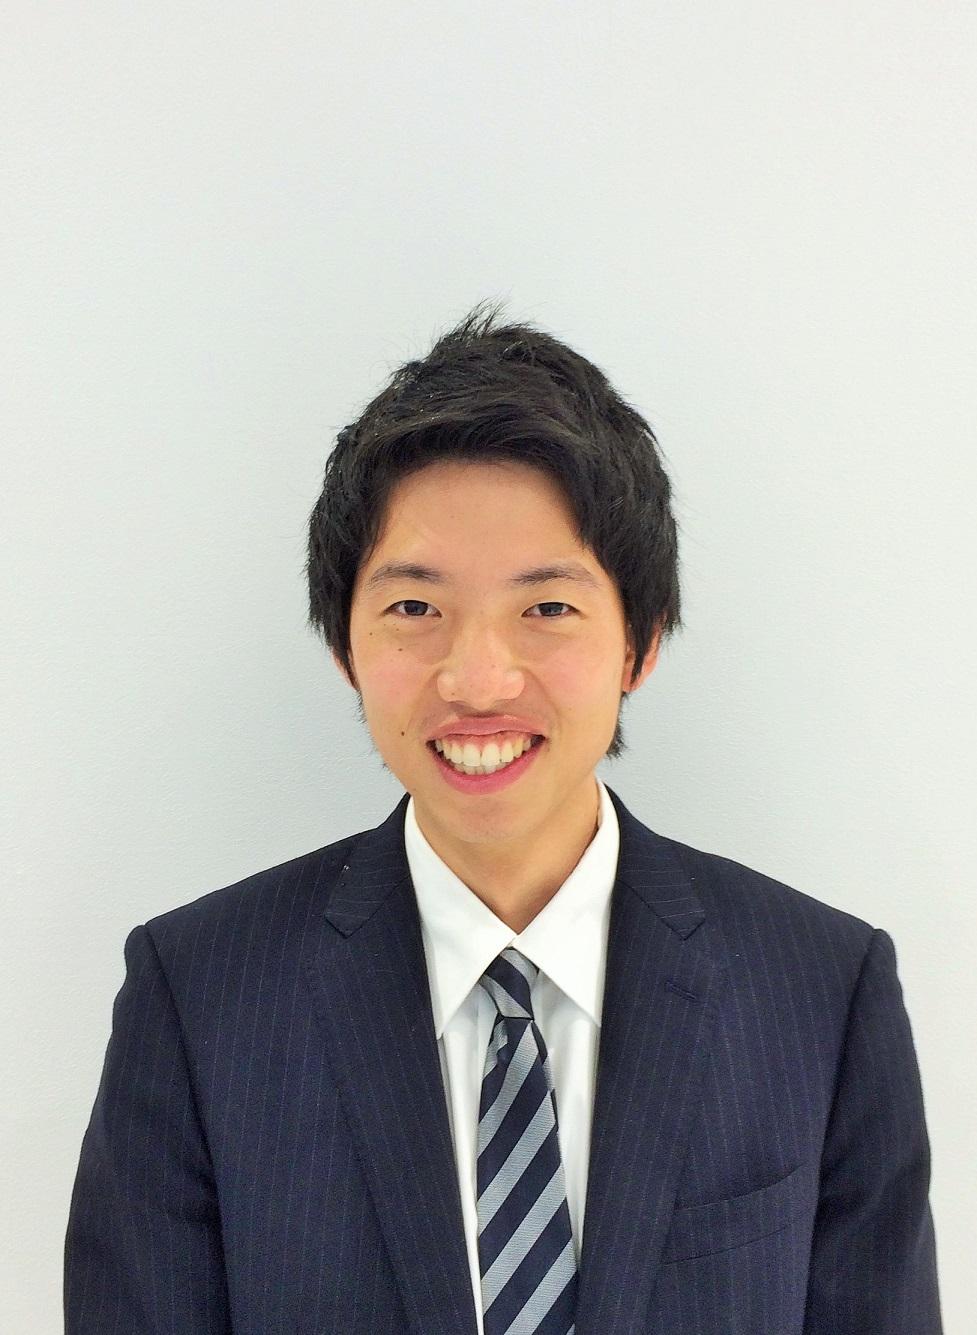 営業【インテリ系】 金賀 郁弥